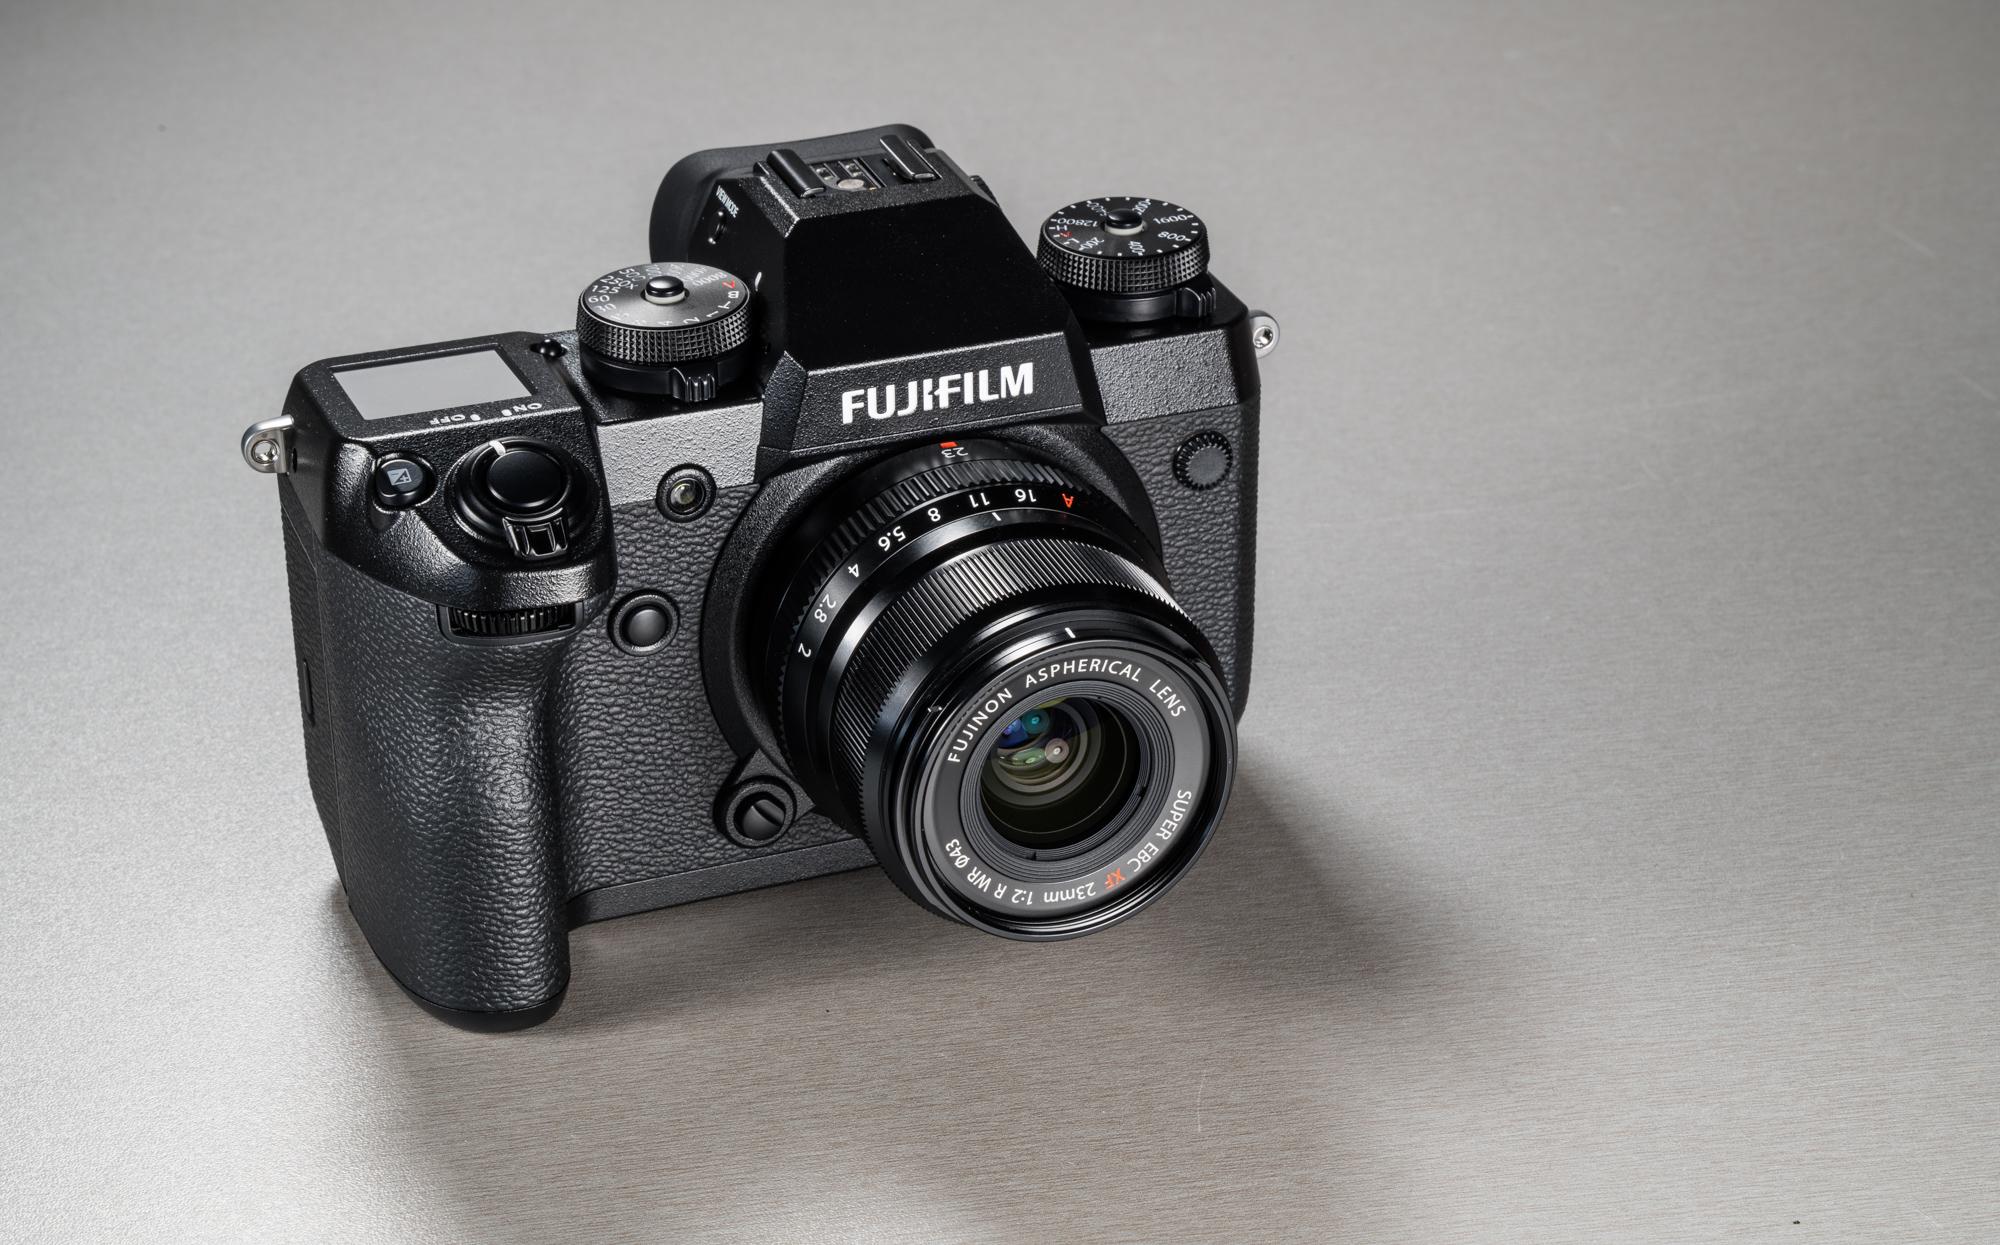 f4dadda33e5 Fujifilm X-H1 kaamera koos 23mm f/2.0 R WR objektiiviga. See kompaktne  ilmastikukindla korpusega lainurkobjektiiv sobib suurepäraselt Fujifilmi ...